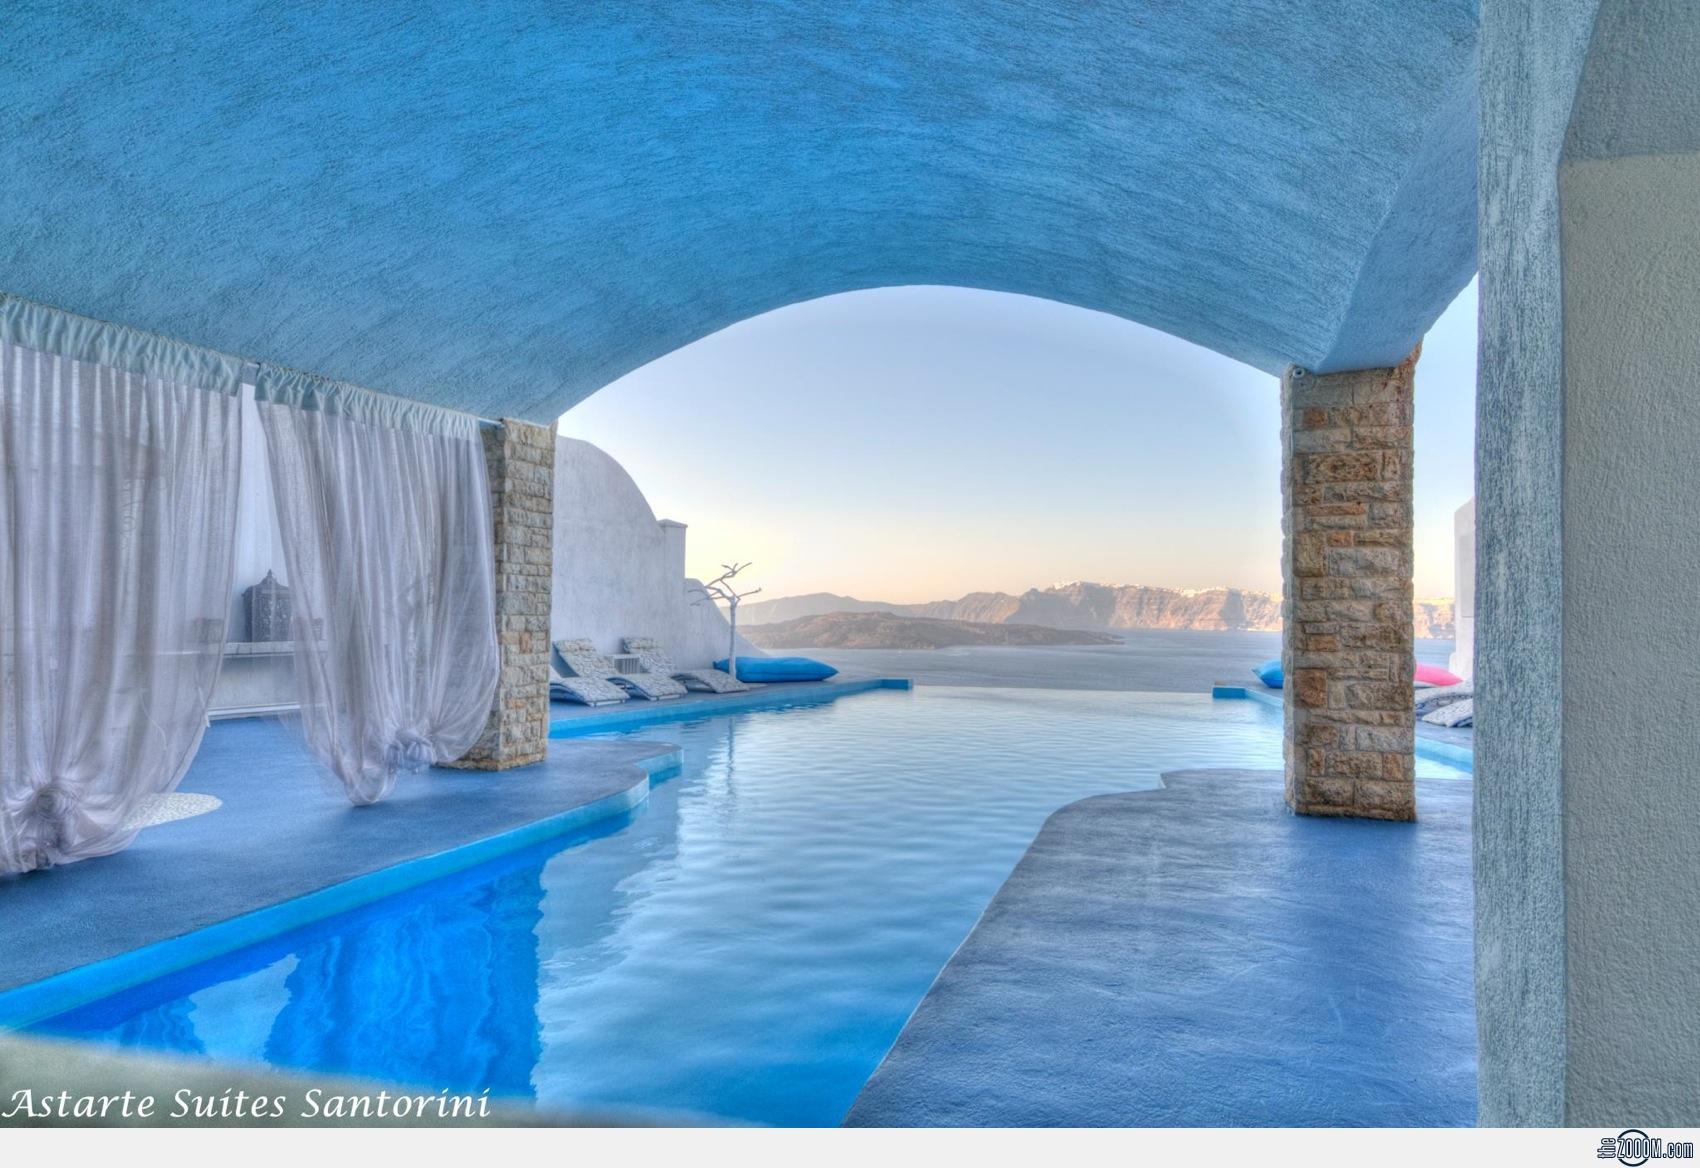 Santorini leto ekskluzivna letovanja hoteli i apartmani cene Last minute